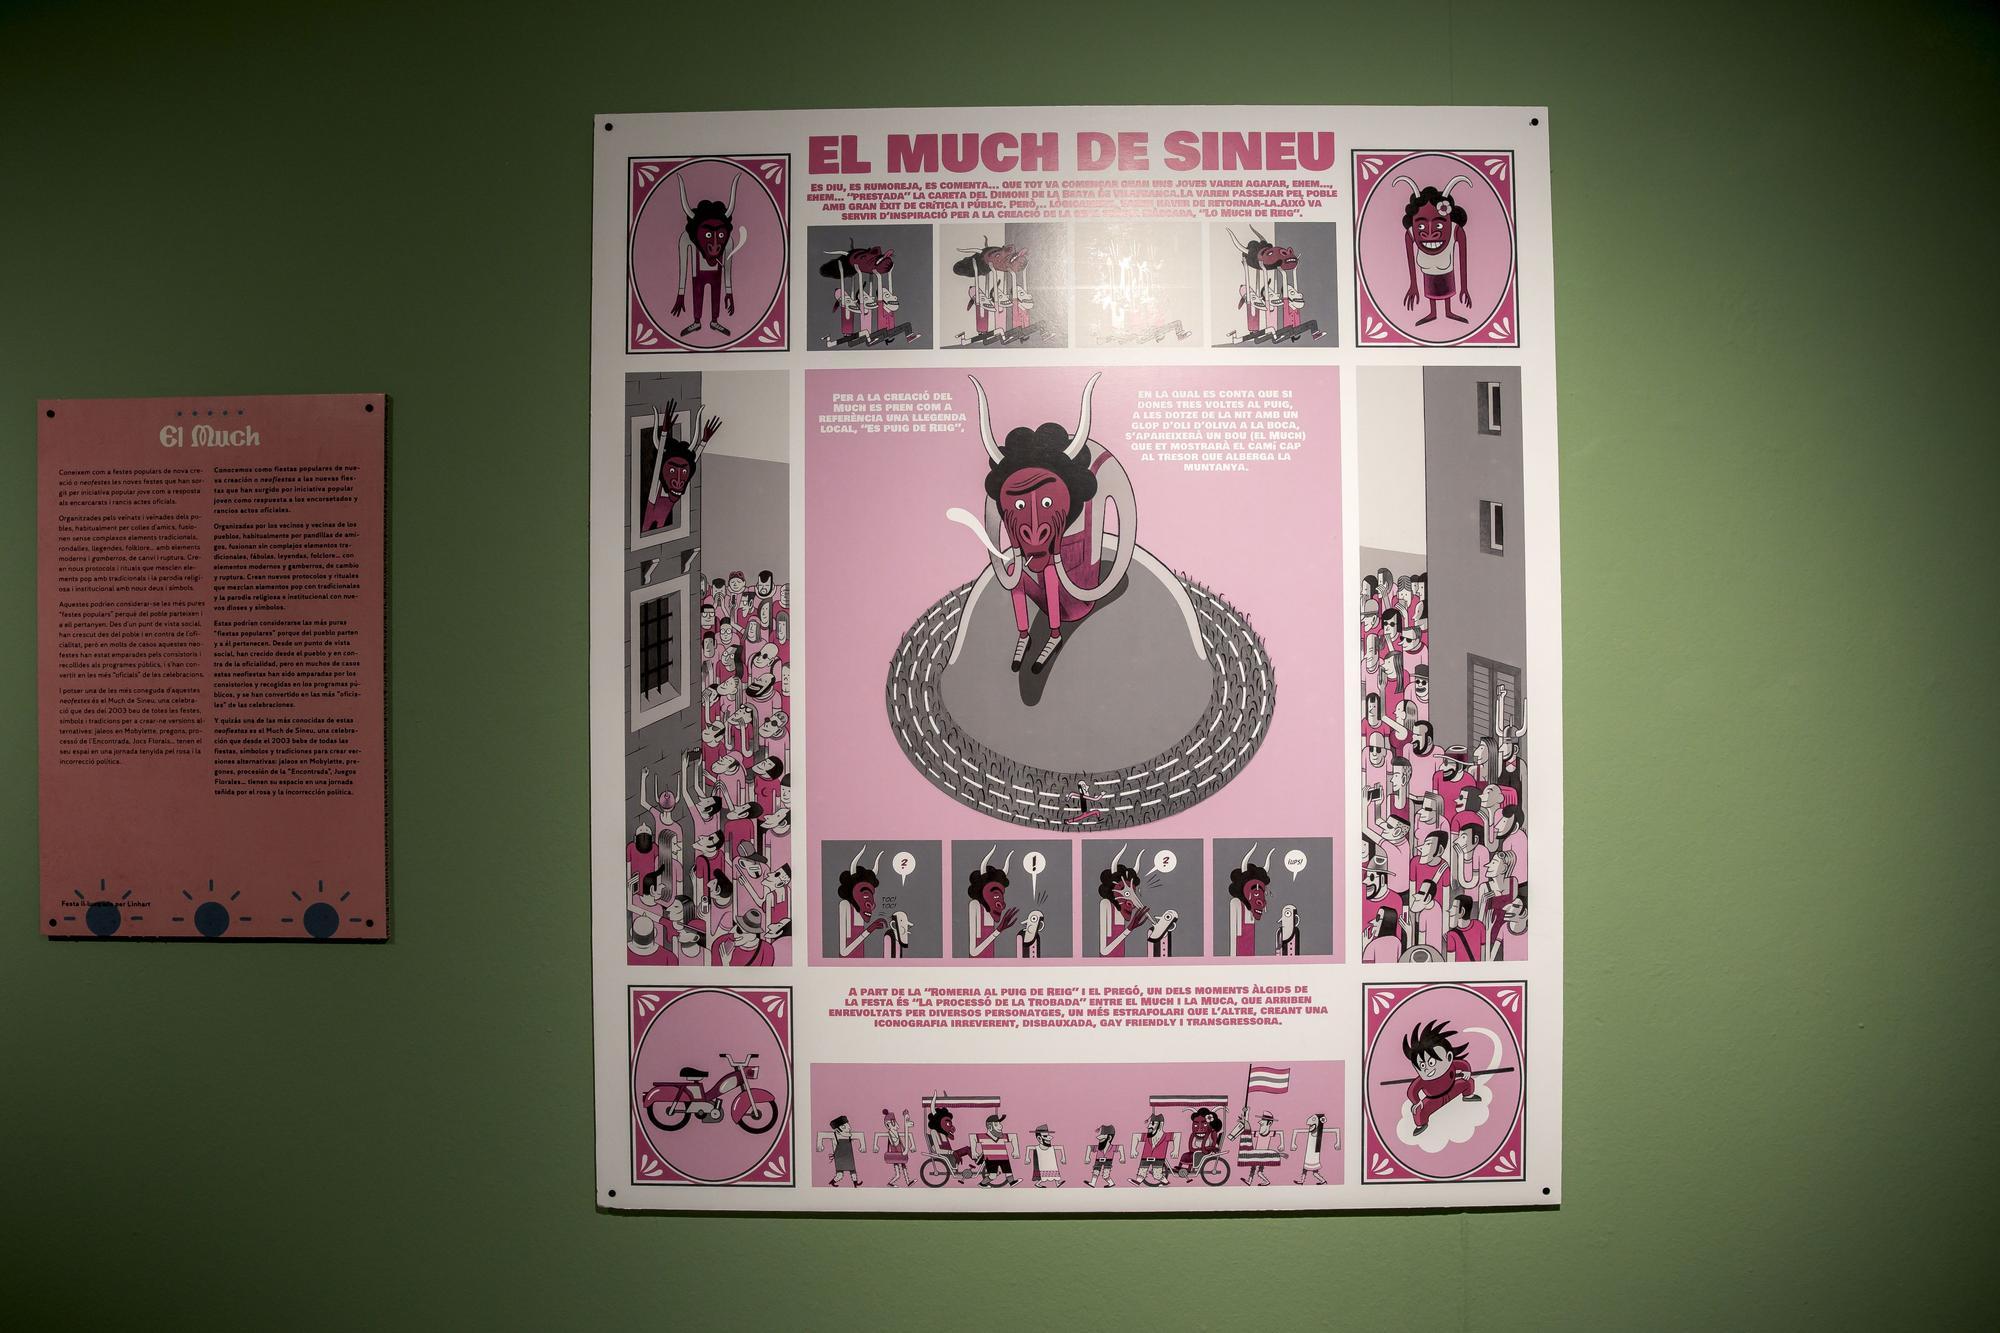 Las fiestas de Mallorca se transforman en ilustraciones y cómics